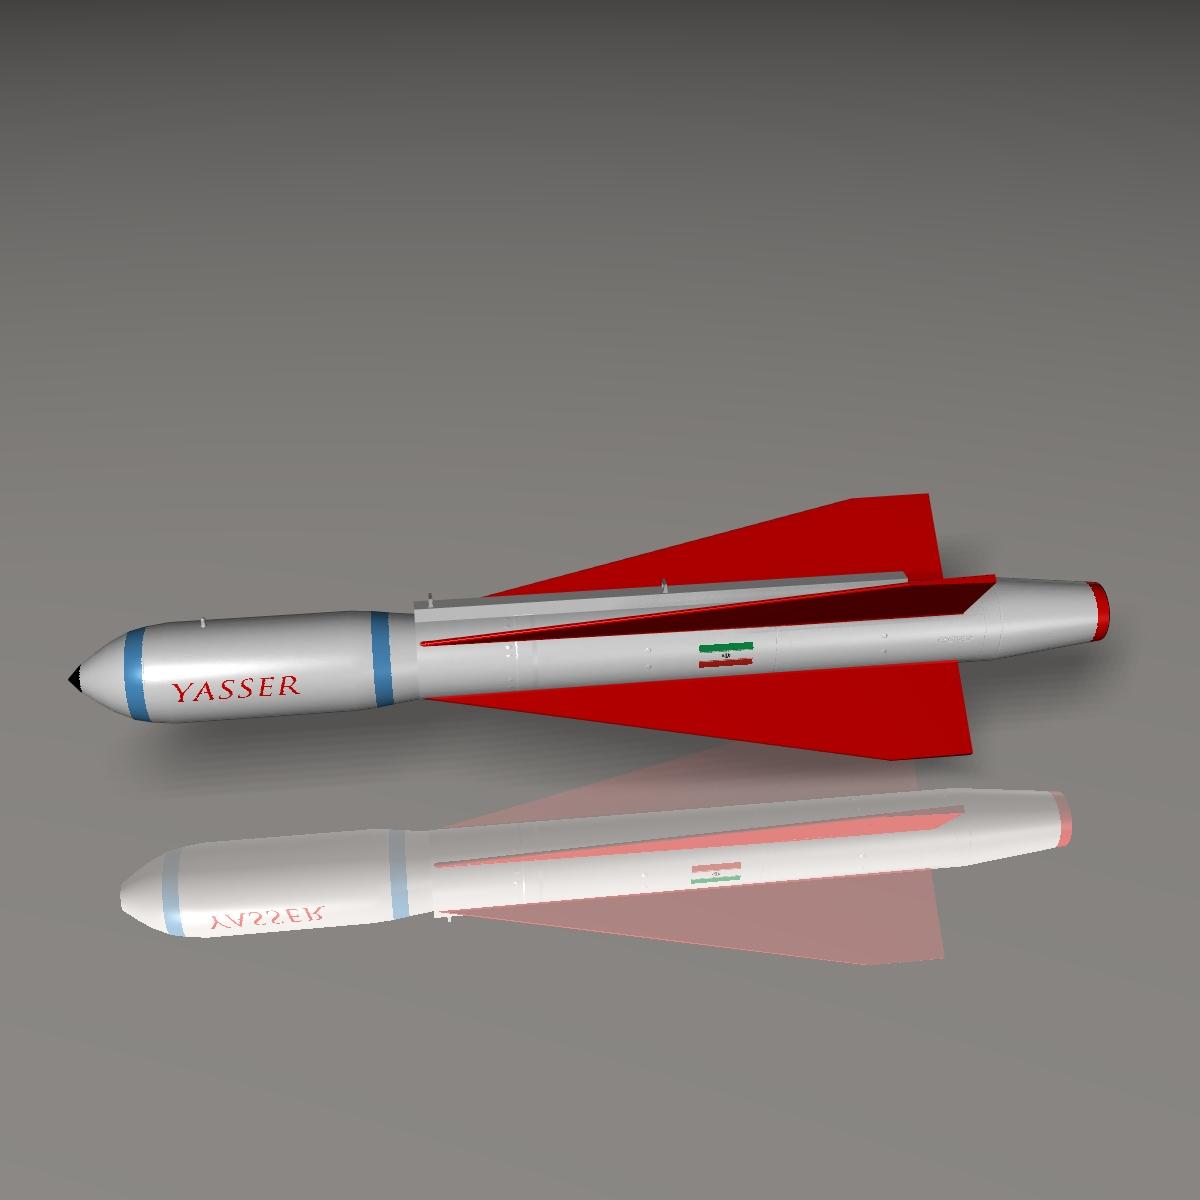 iranian yasser asm missile 3d model 3ds dxf cob x obj 150574